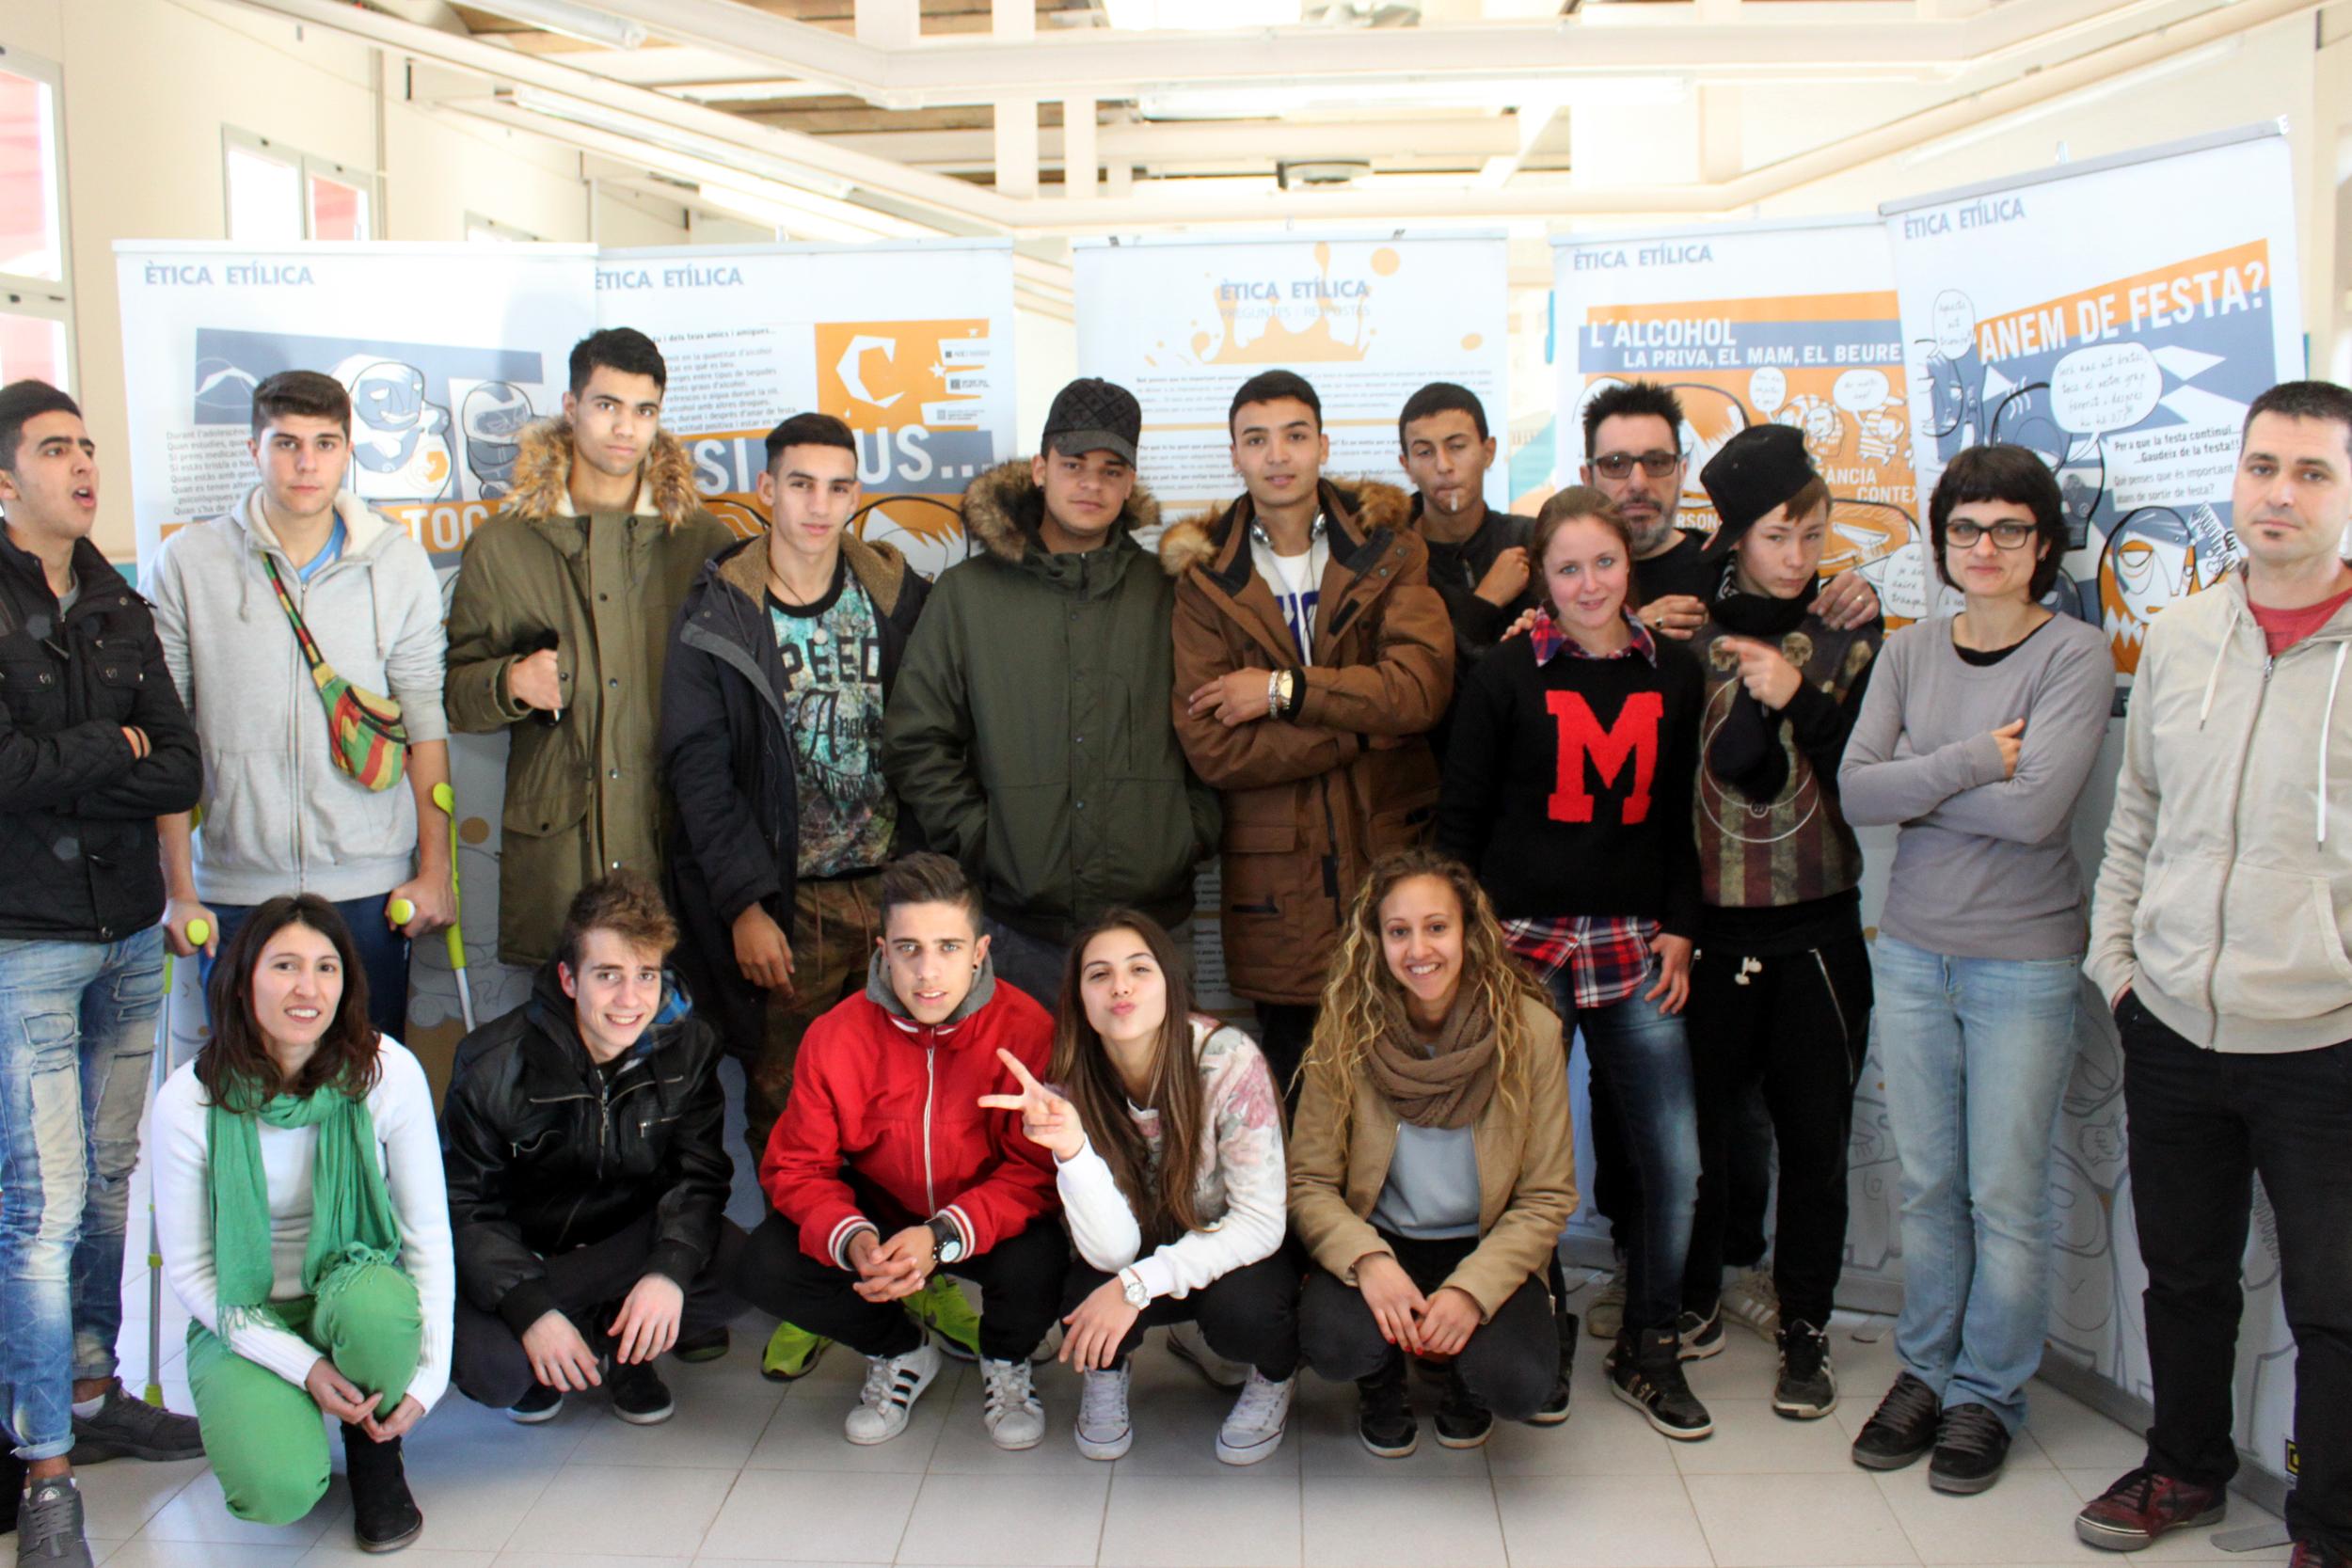 Tàrrega rep la visita de joves estudiants alemanys per fer pràctiques de formació